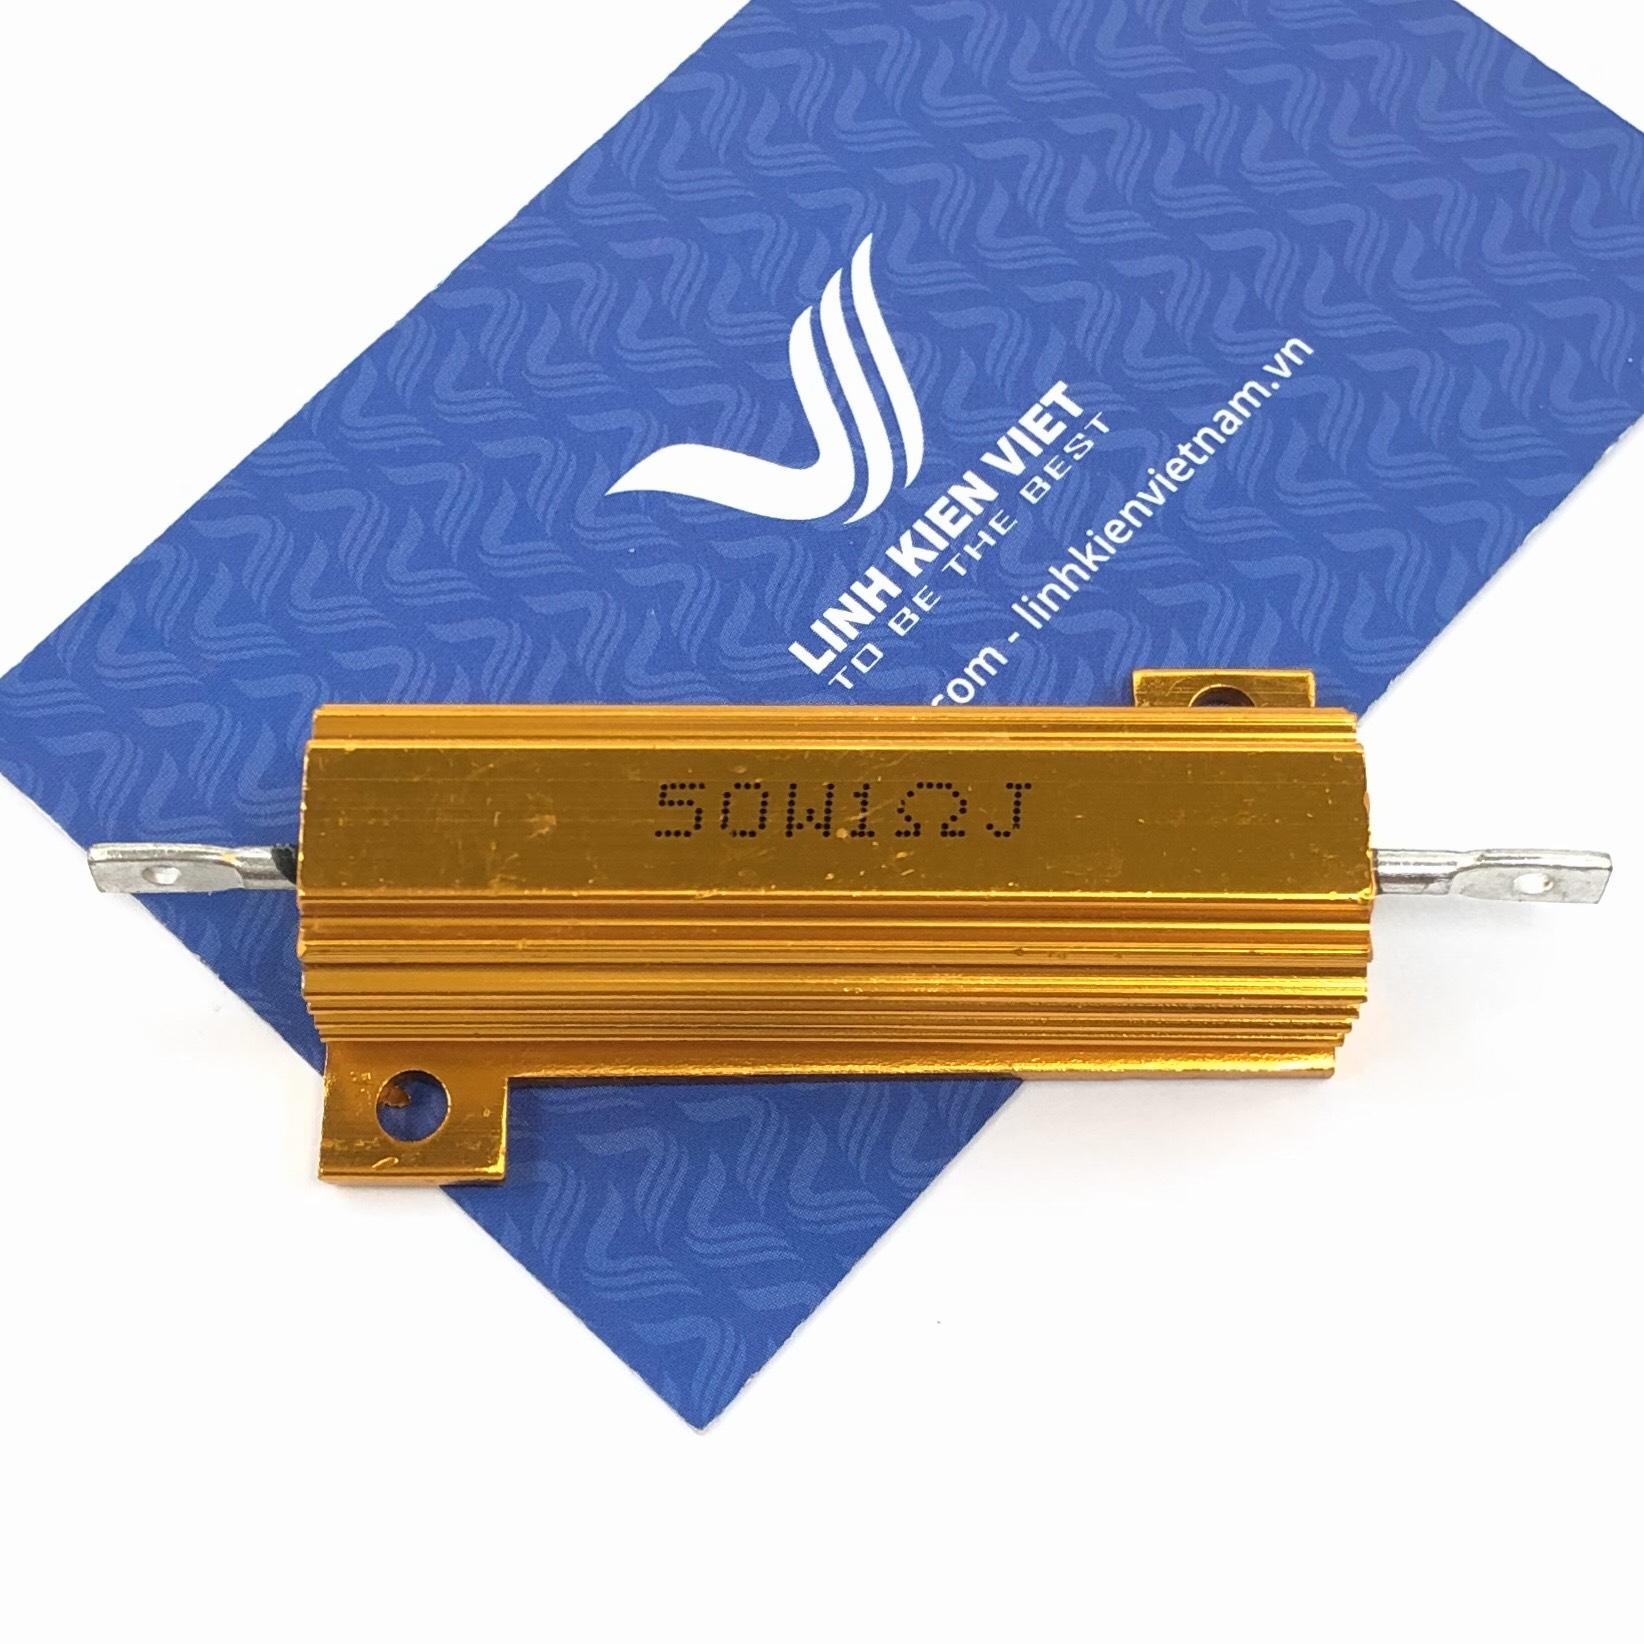 Điện trở nhôm RX24 1R 50W - A5H23